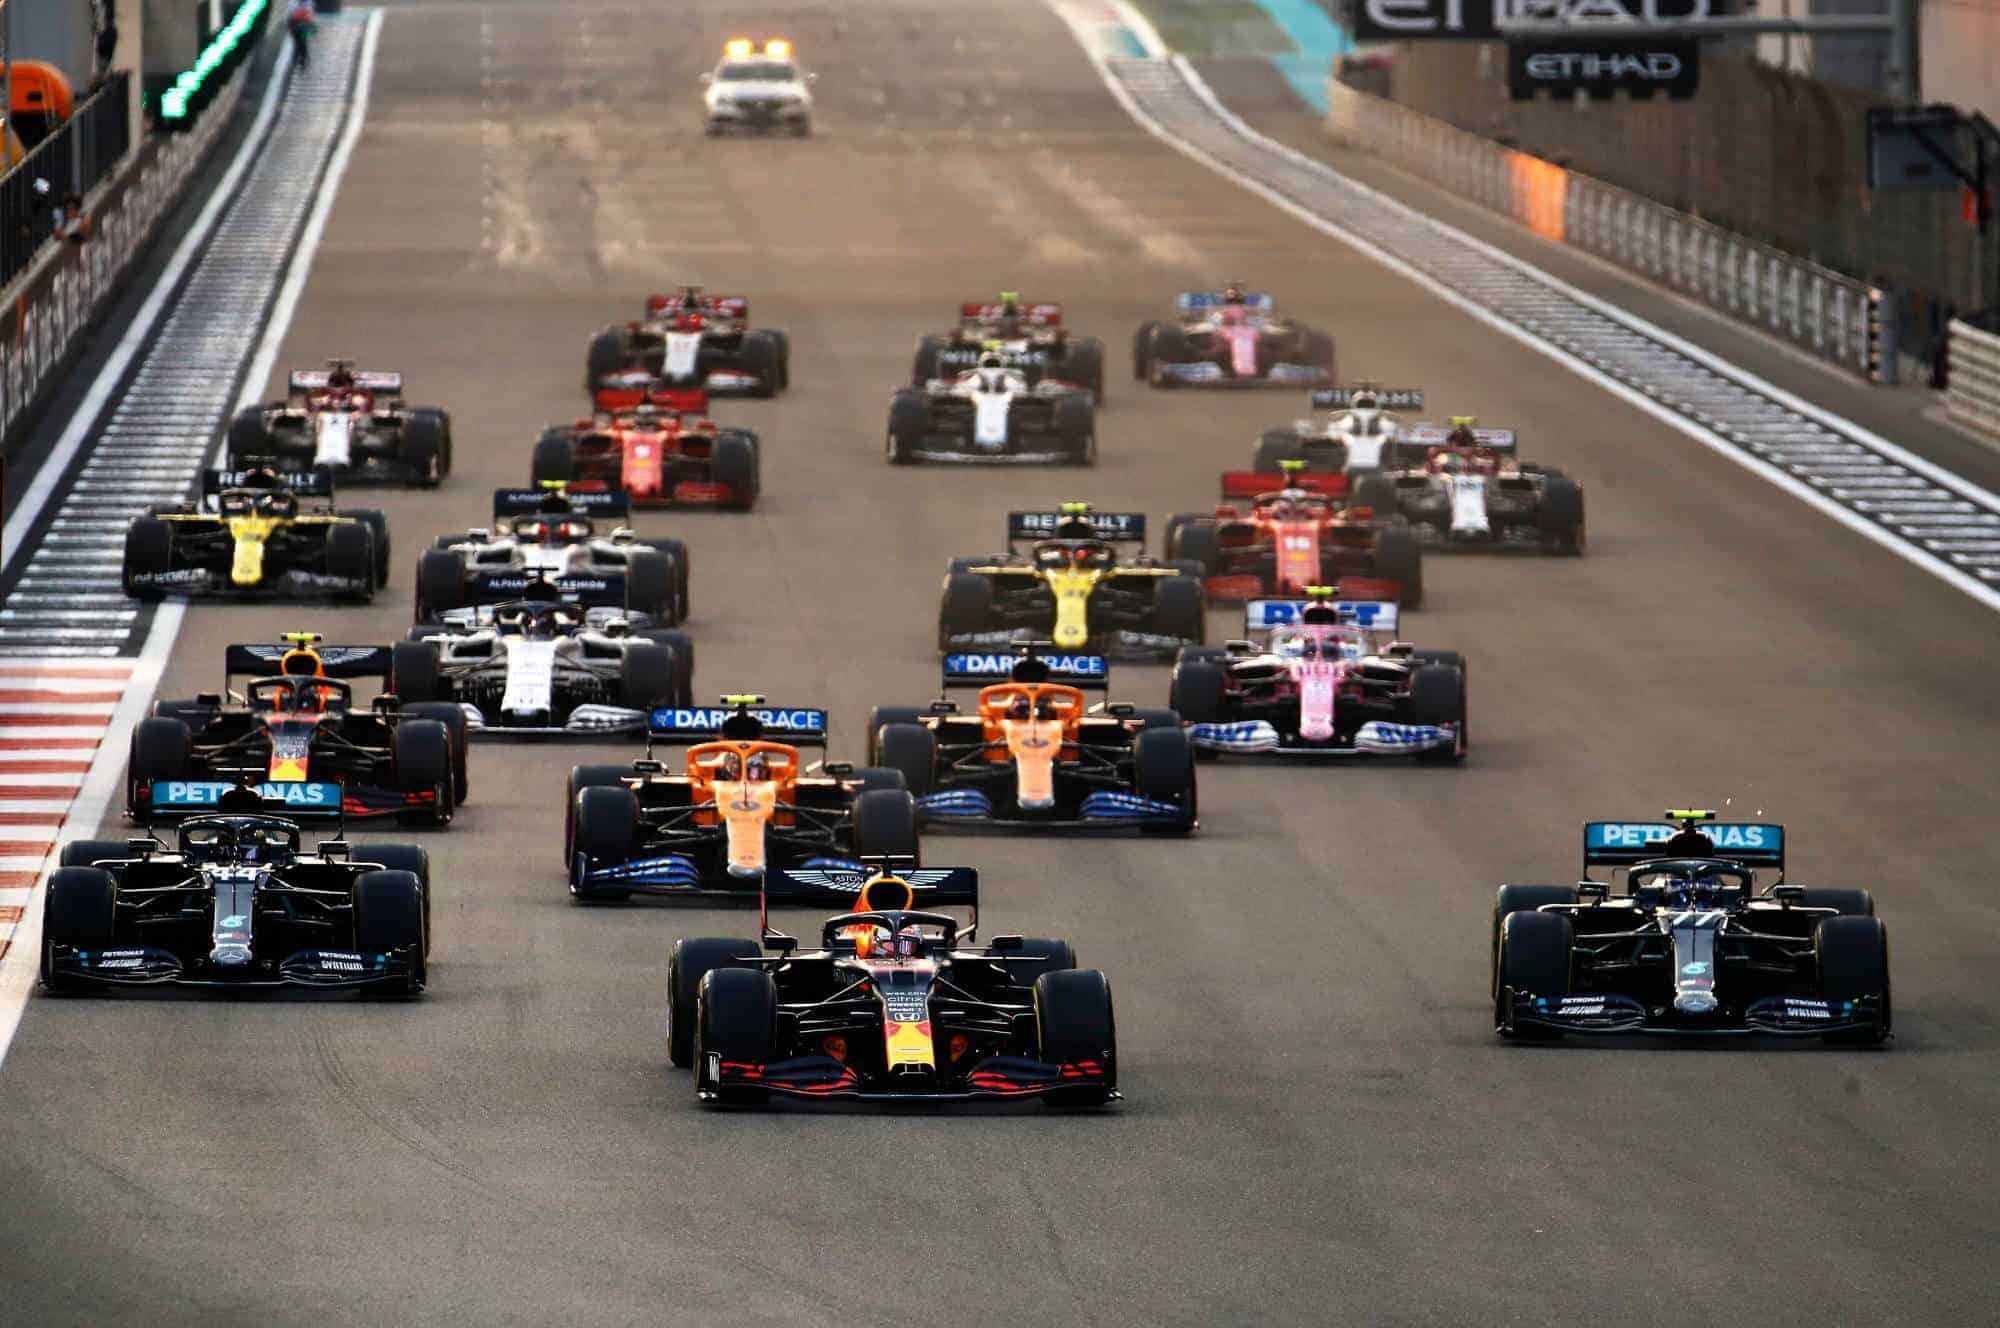 2020 Abu Dhabi GP start of the race Verstappen leads Bottas Hamilton Photo Red Bull